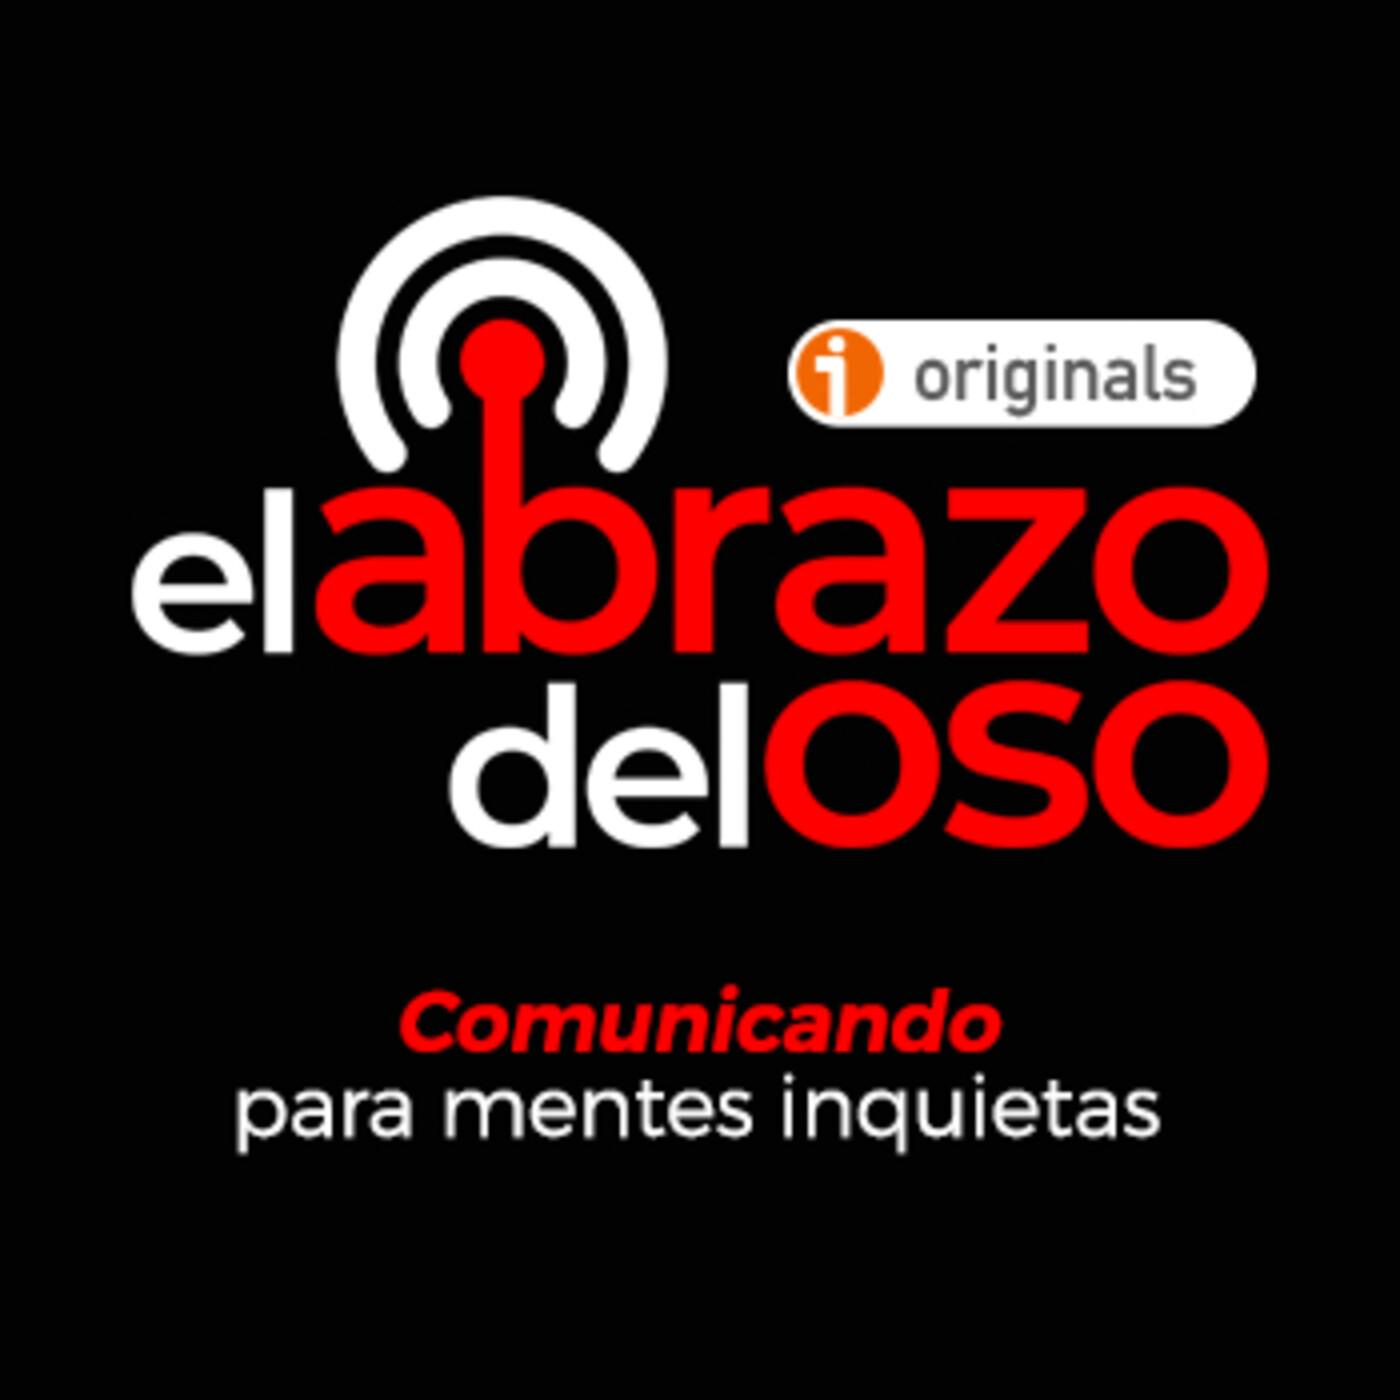 Formas de pensamiento creativo, la educación en Madrid y un homenaje a Neruda (programa 17-07-11)